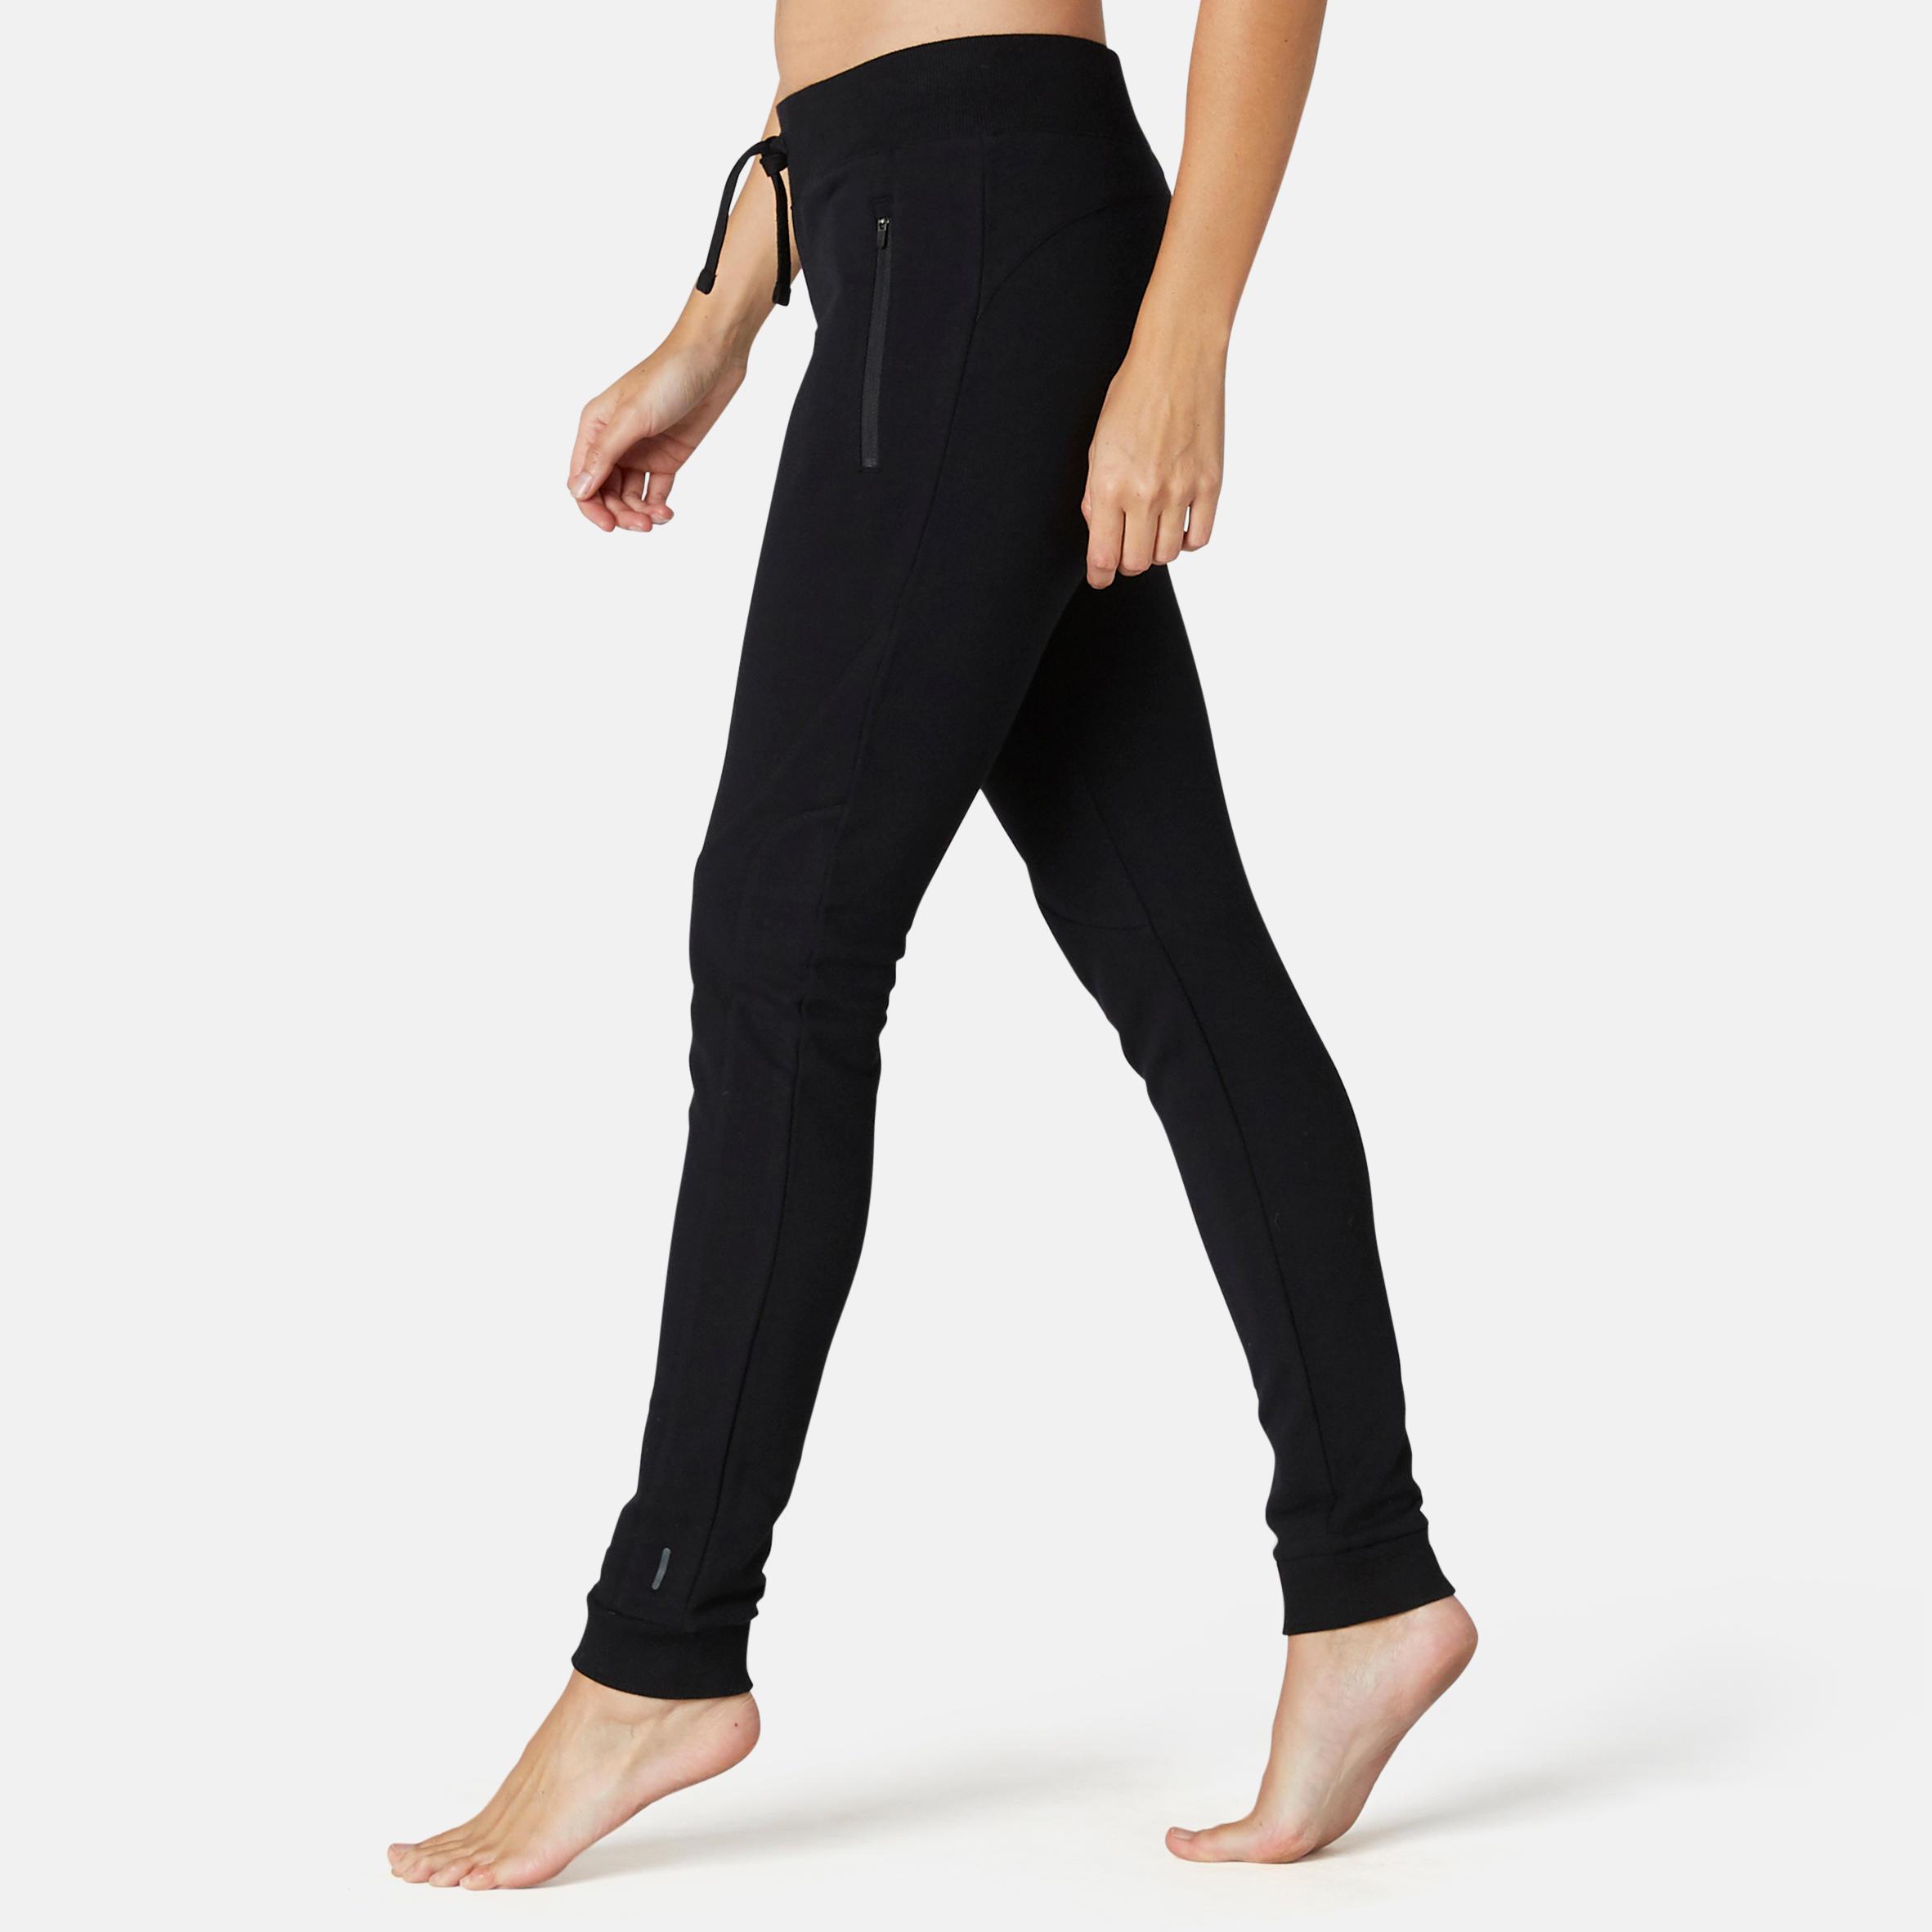 Pantalon trening slim 510 Damă